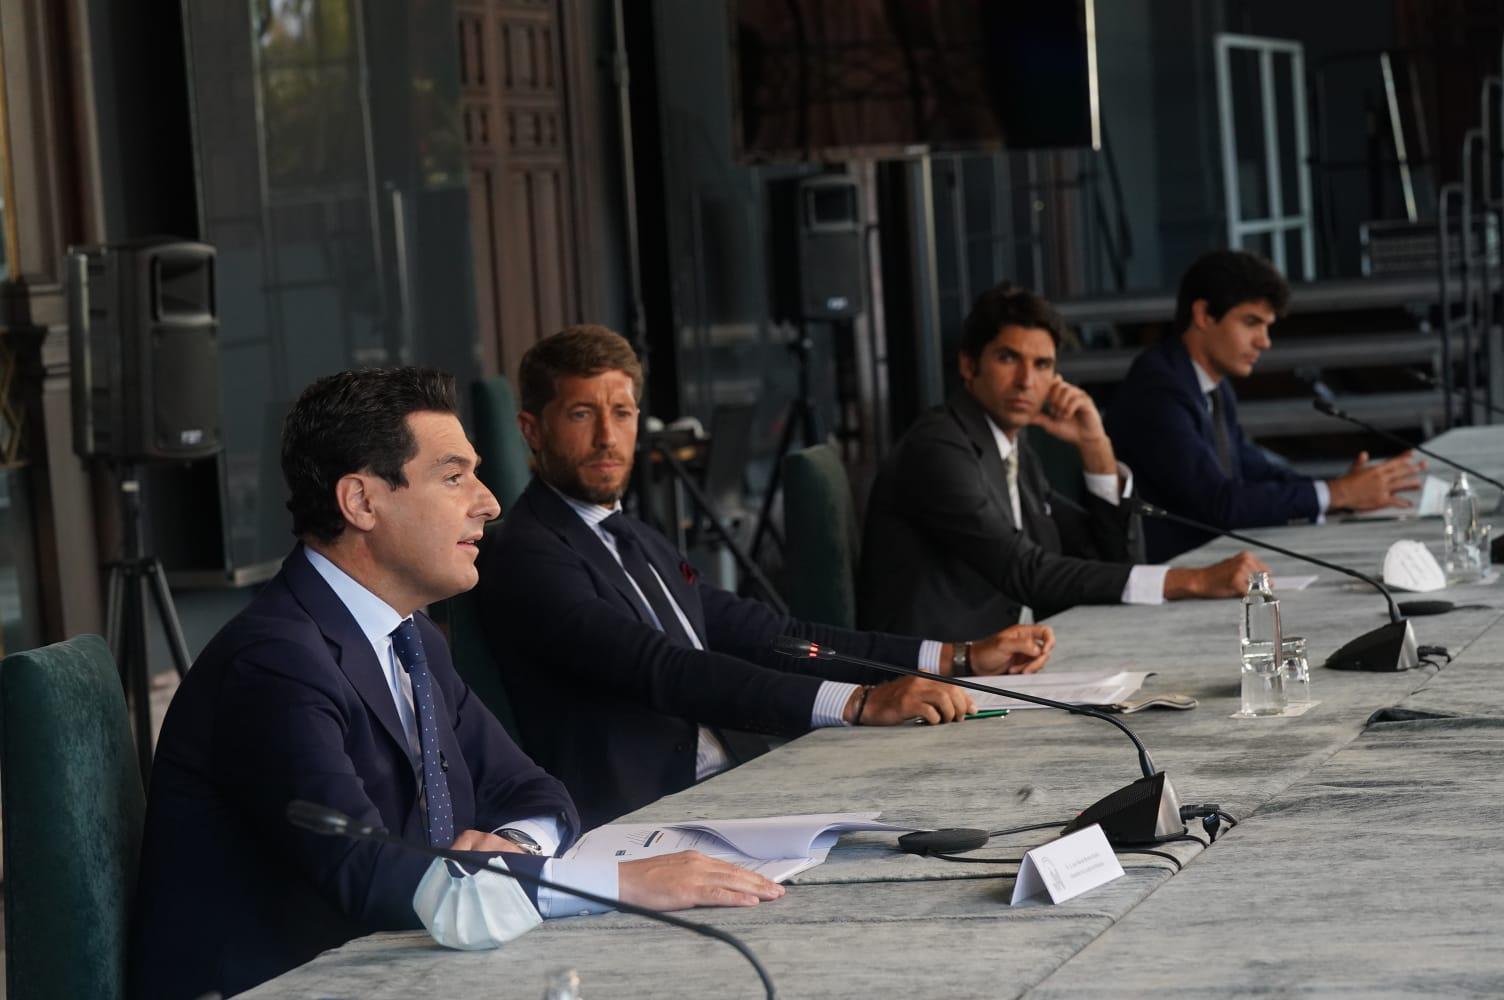 El sector taurino se reúne con la Junta de Andalucía para abordar la situación actual del mundo del toro